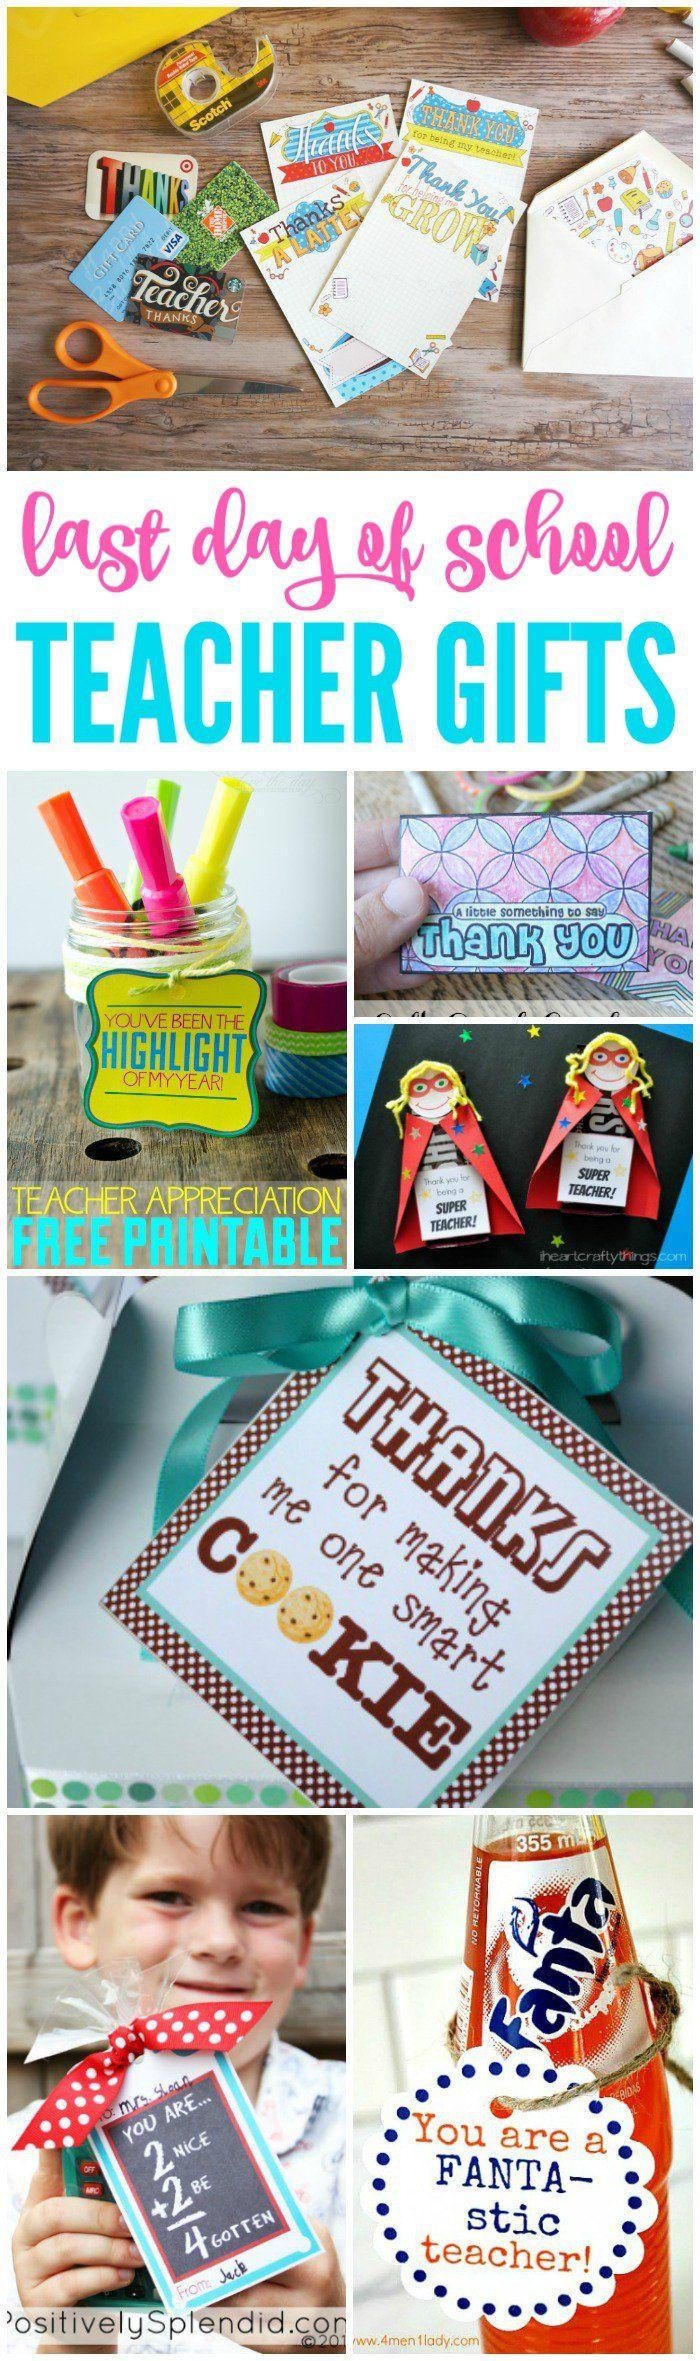 last day of school teacher gift ideas